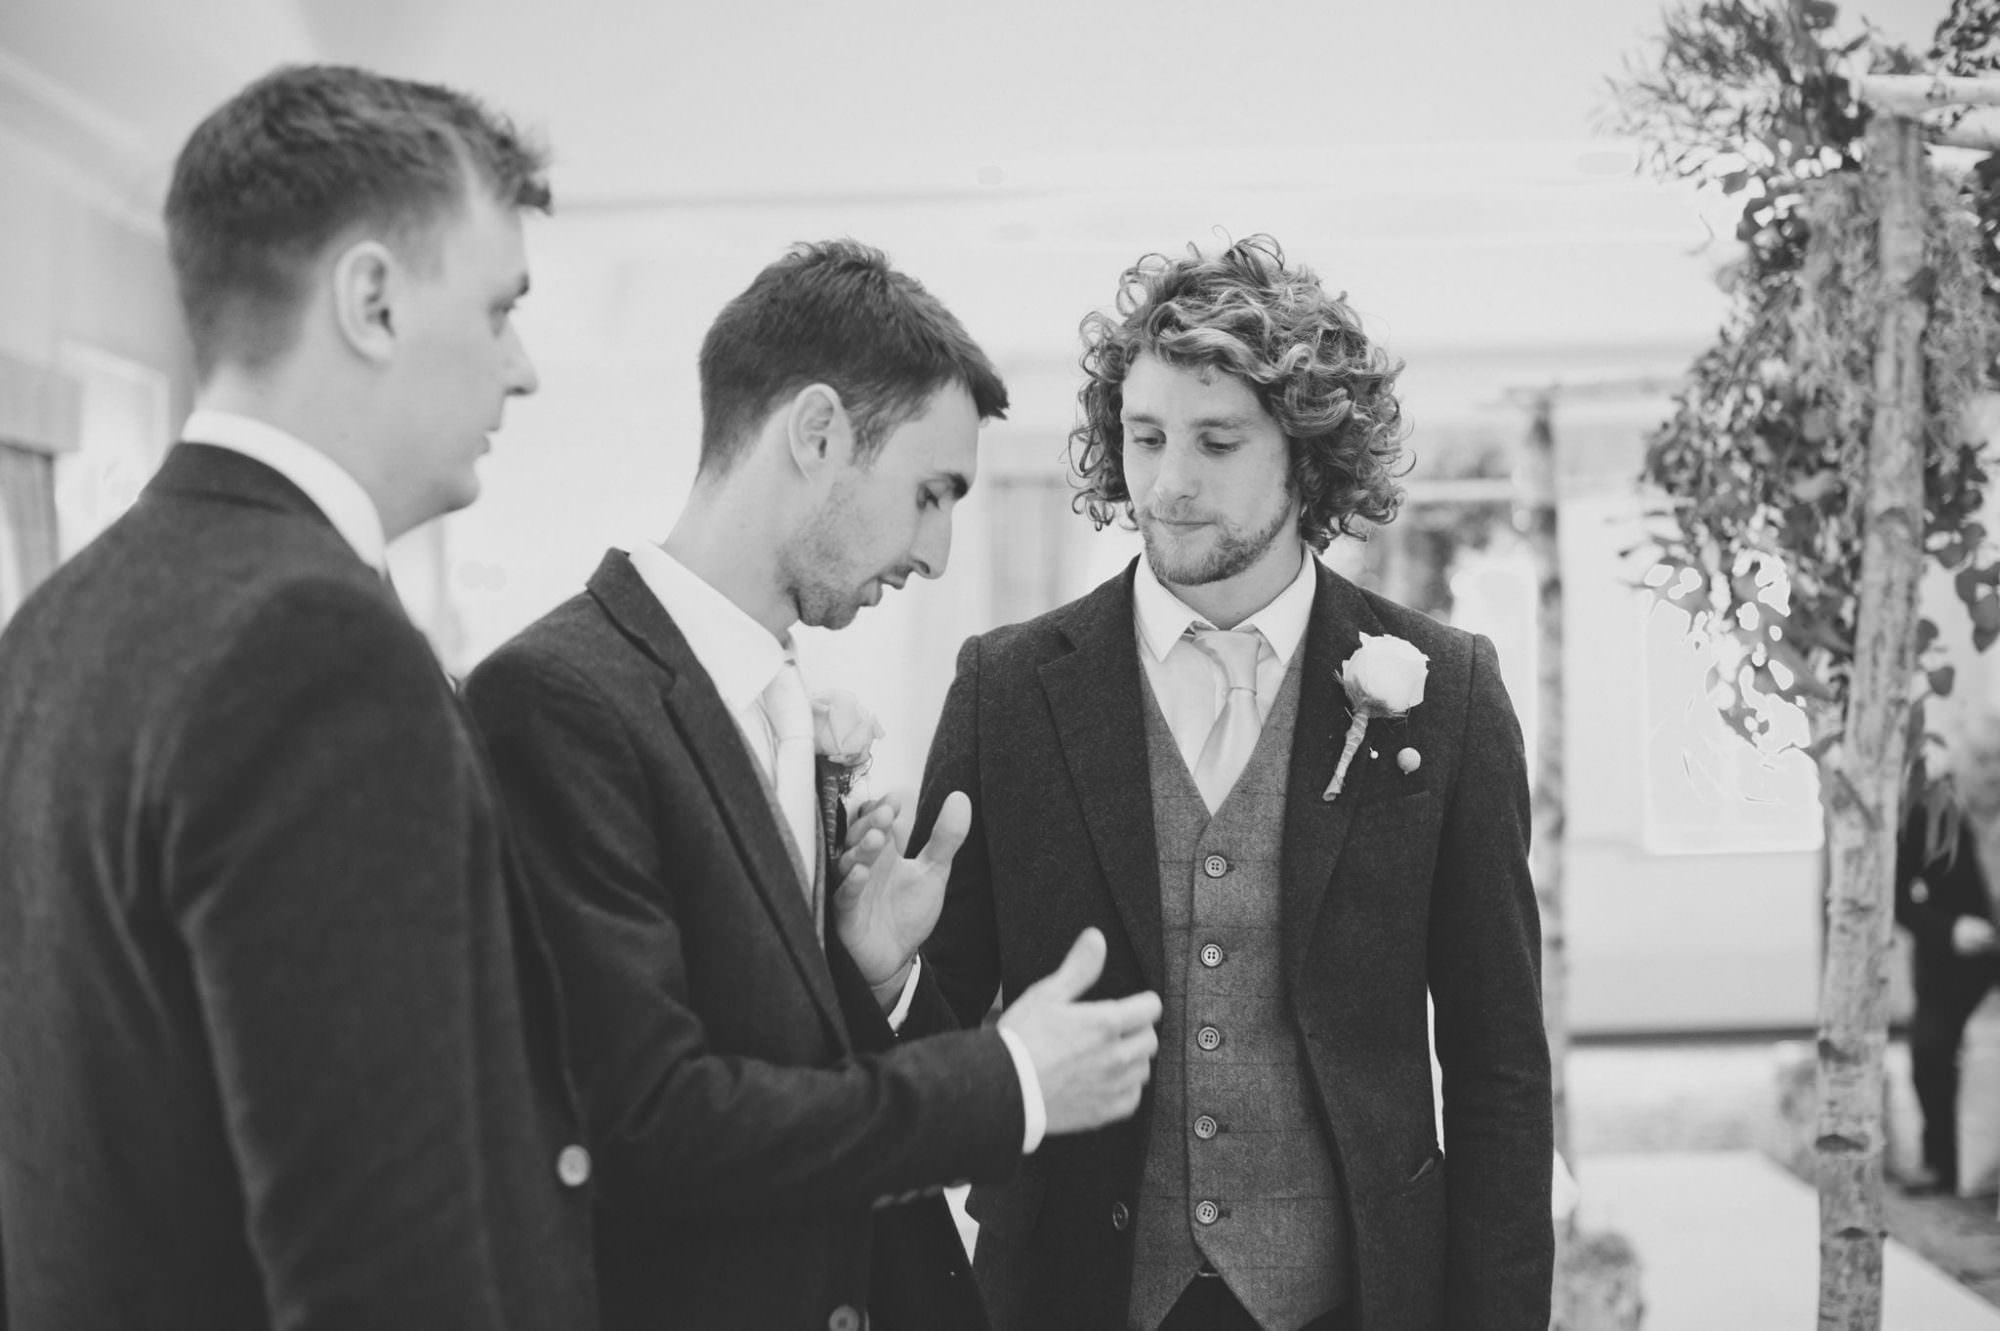 Photograph of Wedding Handshake